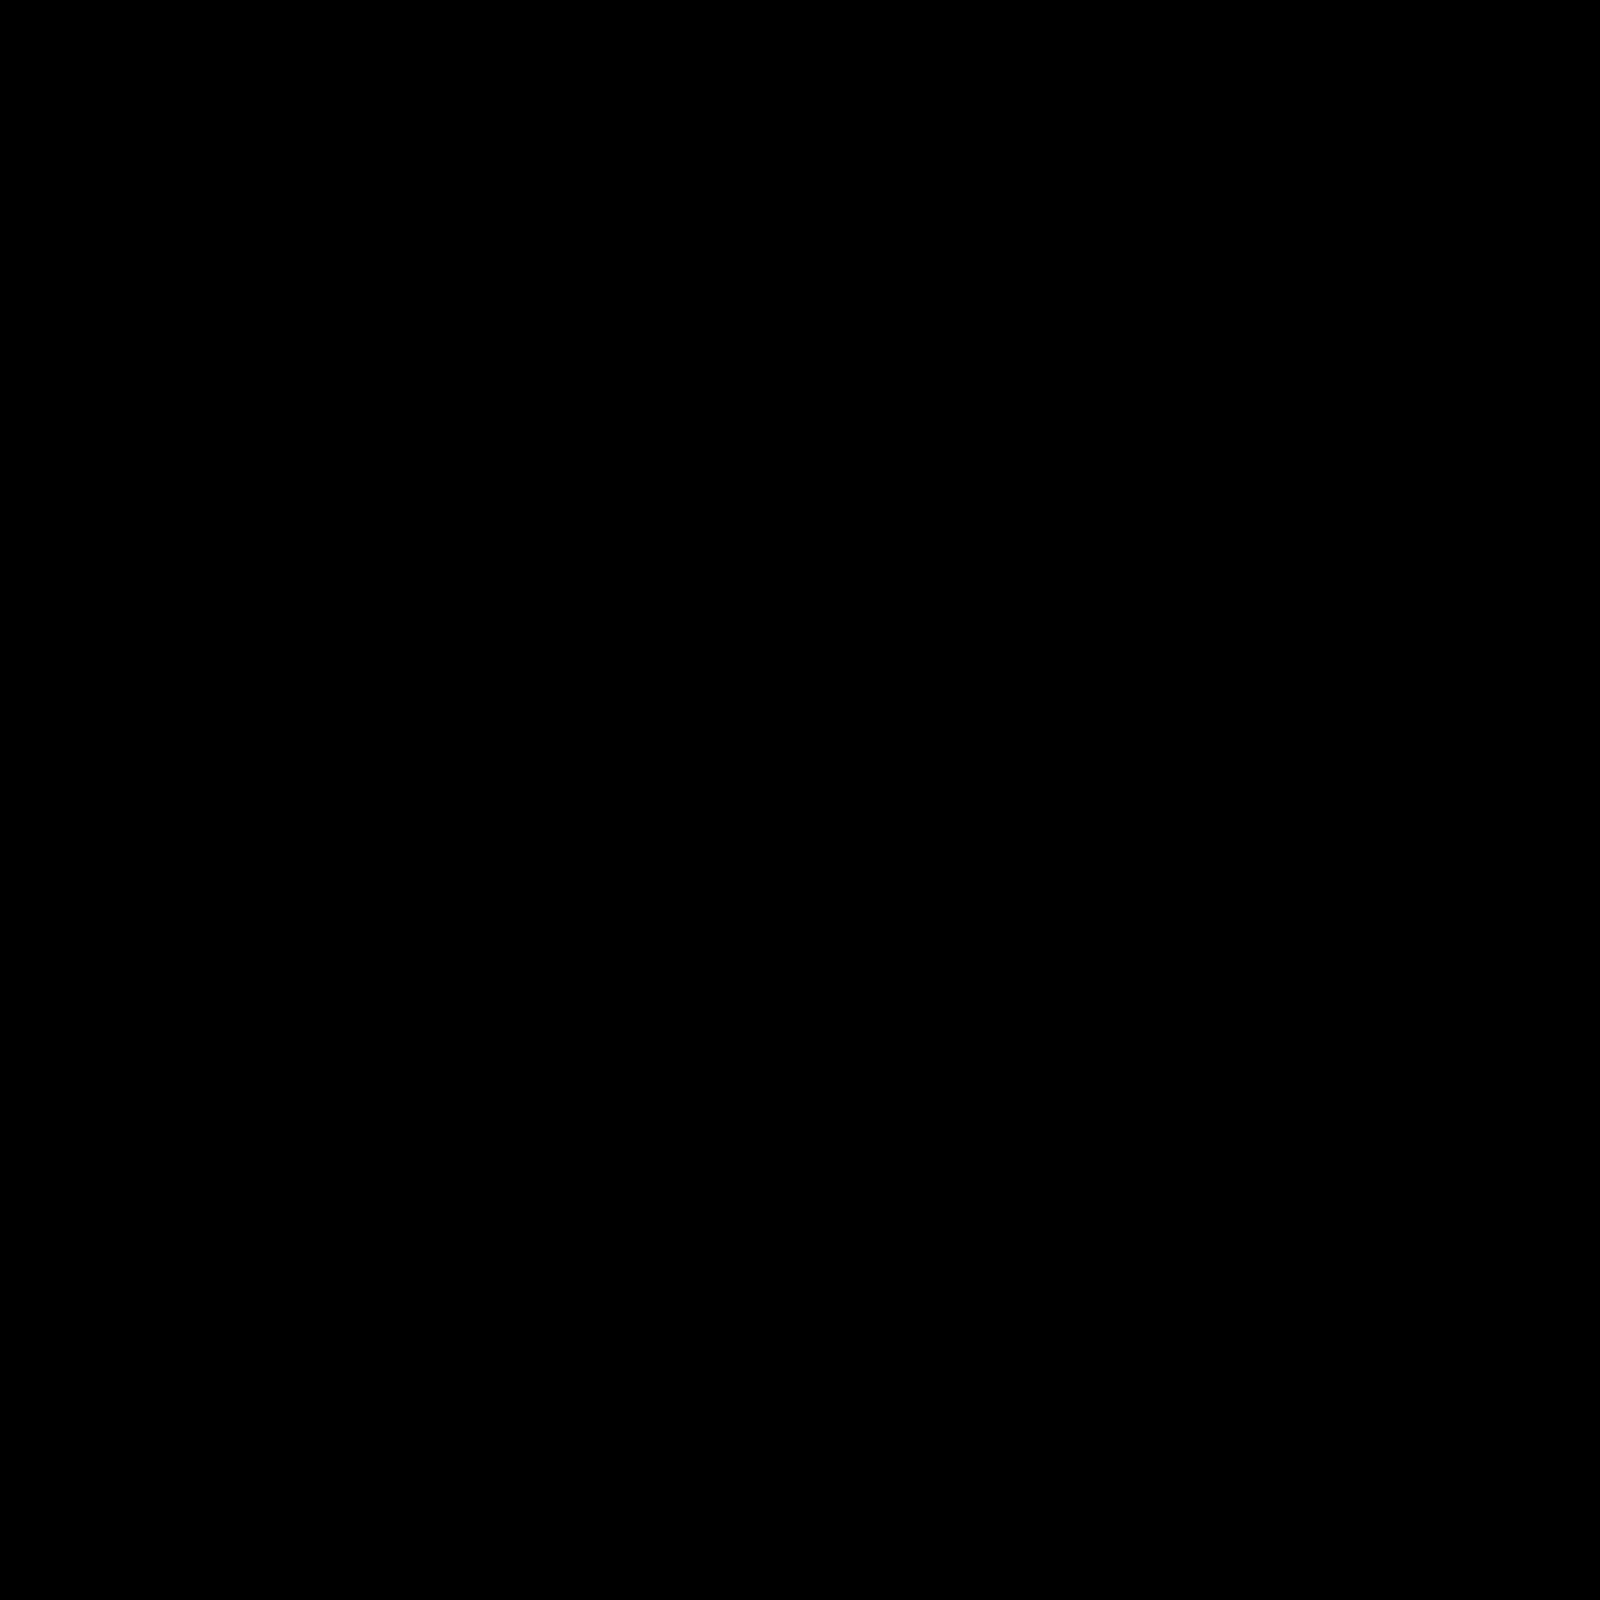 1600x1600 Audio Icon